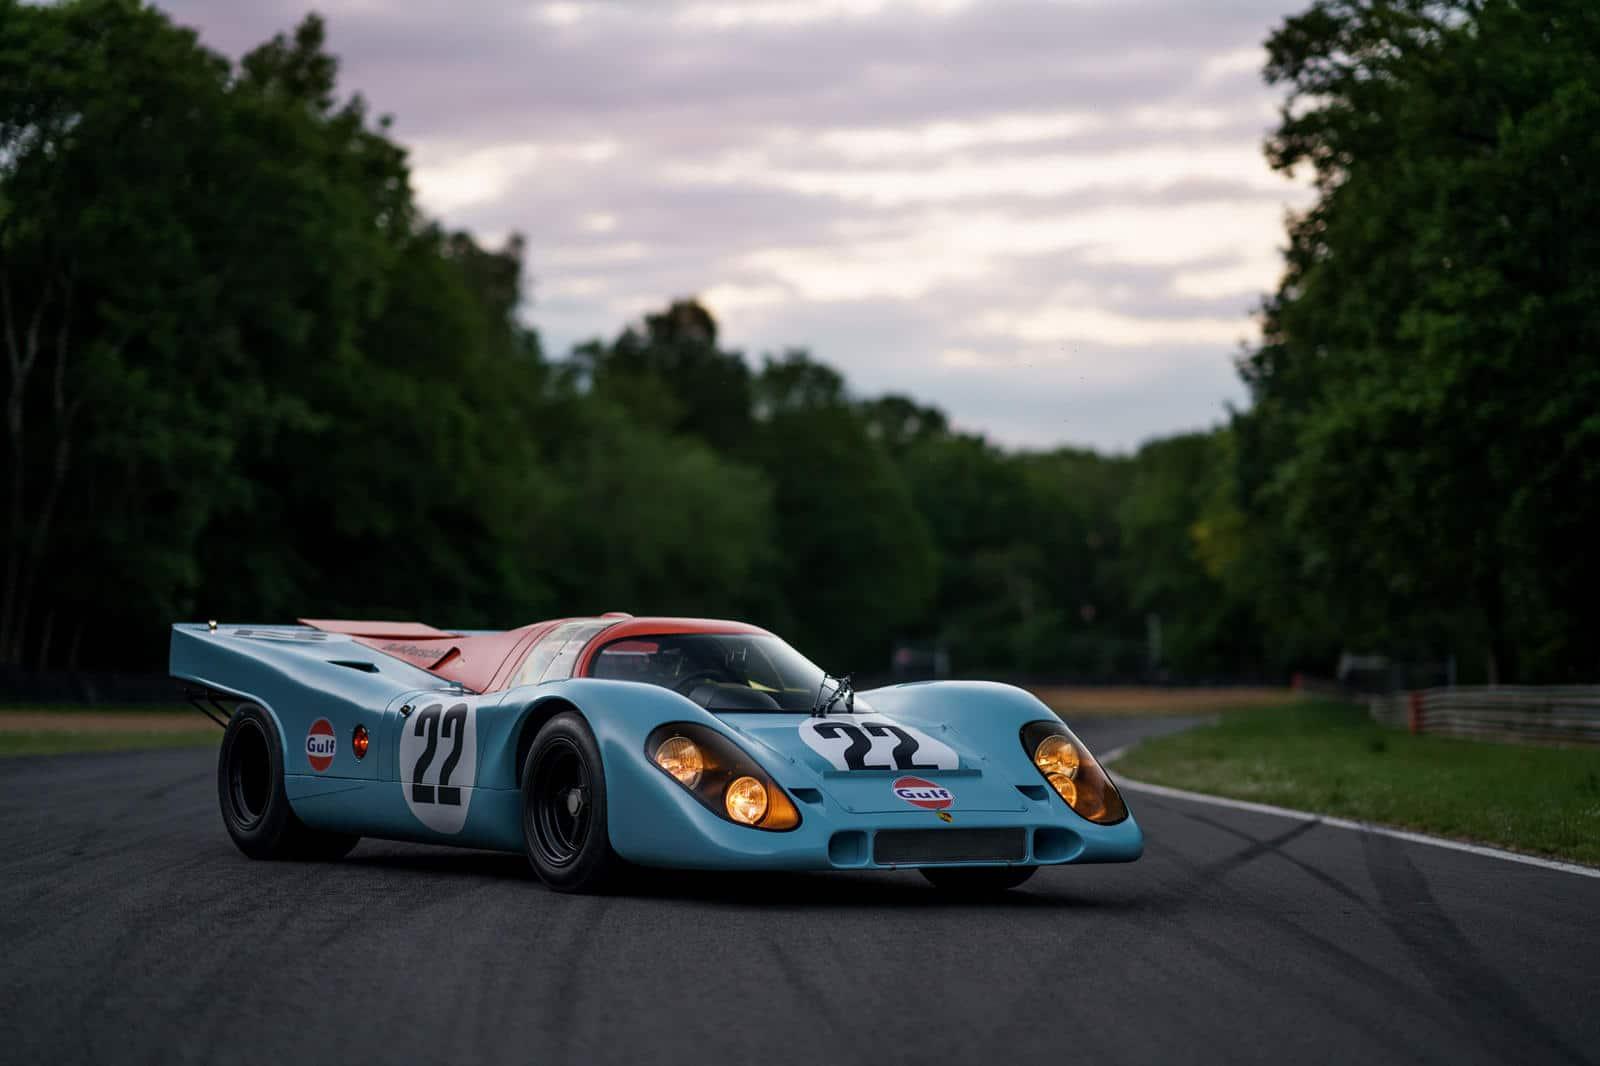 Mettere in moto una Porsche 917K una delle cose più difficili che puoi fare al mondo